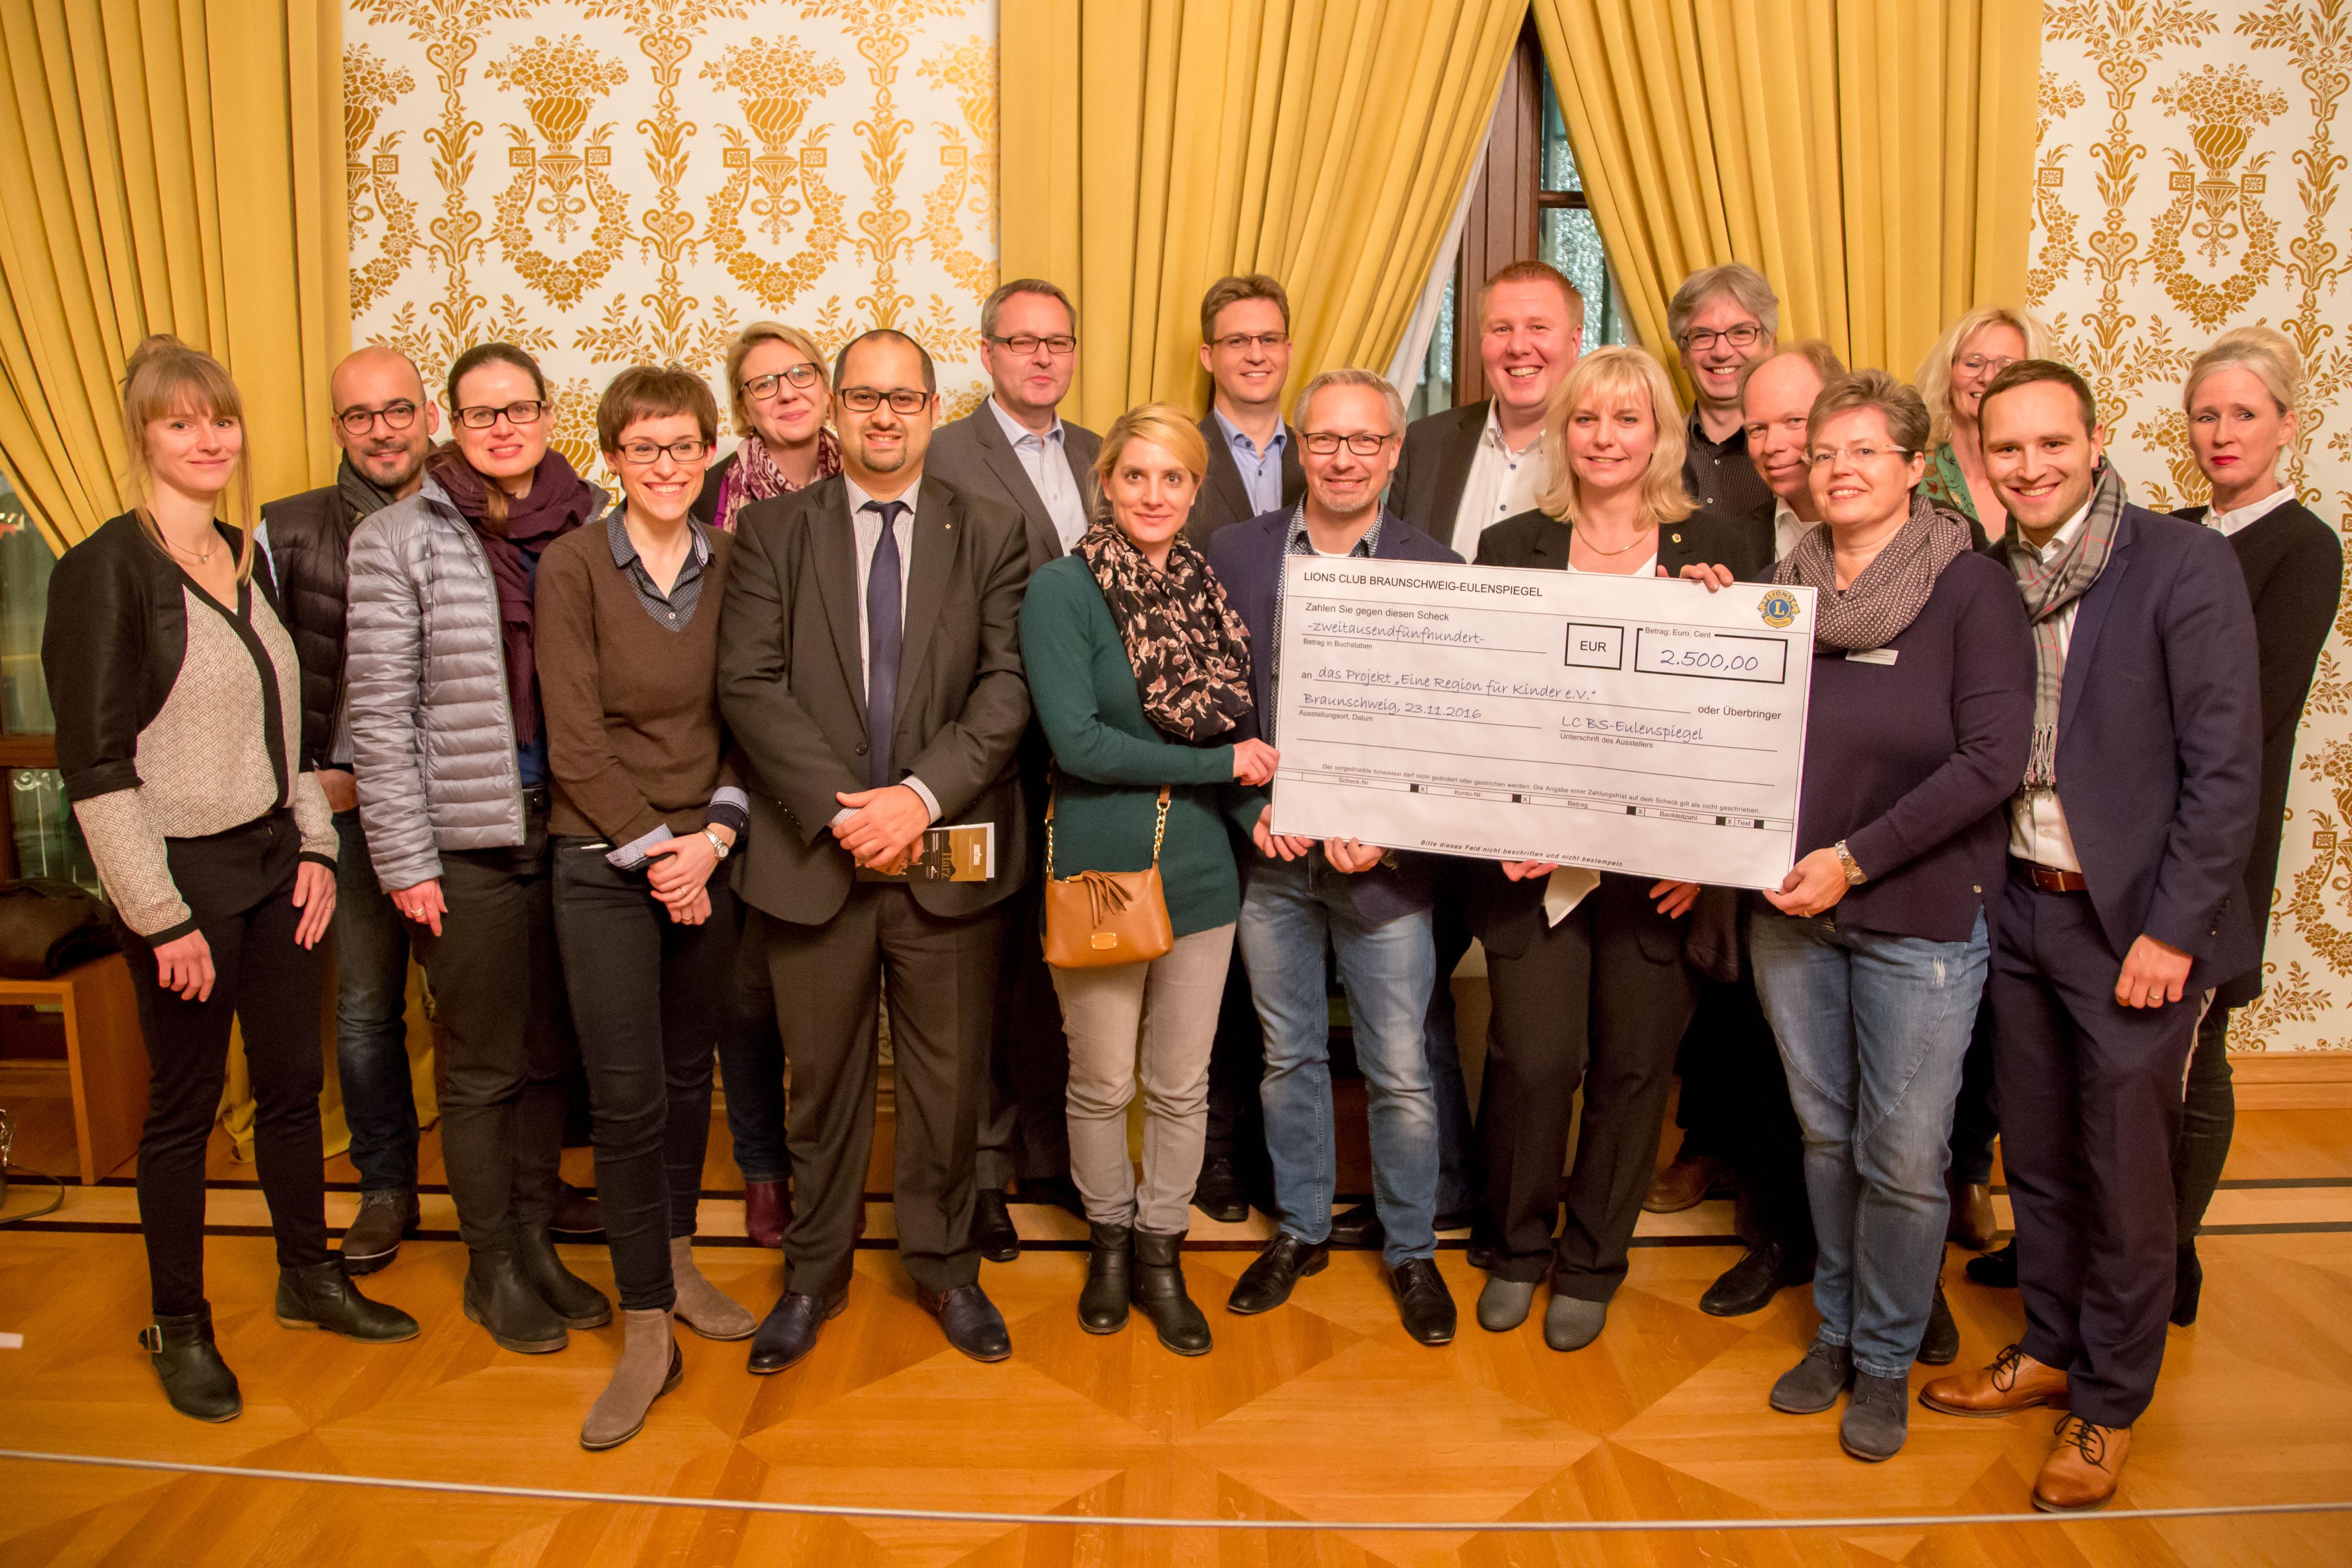 2500 Euro vom Lions Club Braunschweig Eulenspiegel für